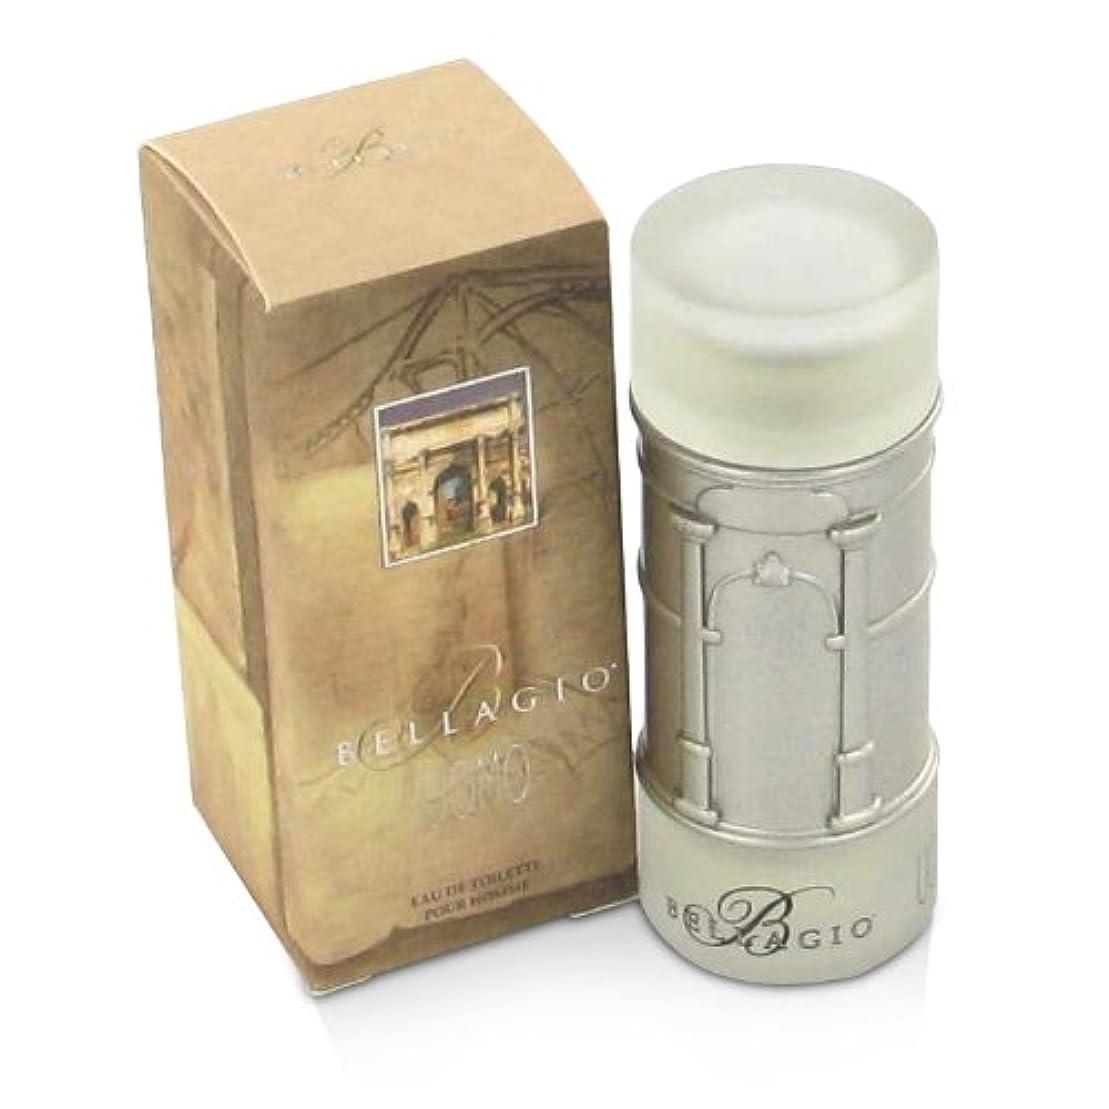 艶雑多な偽造ベラージオ プールオム EDT6ml ミニ香水